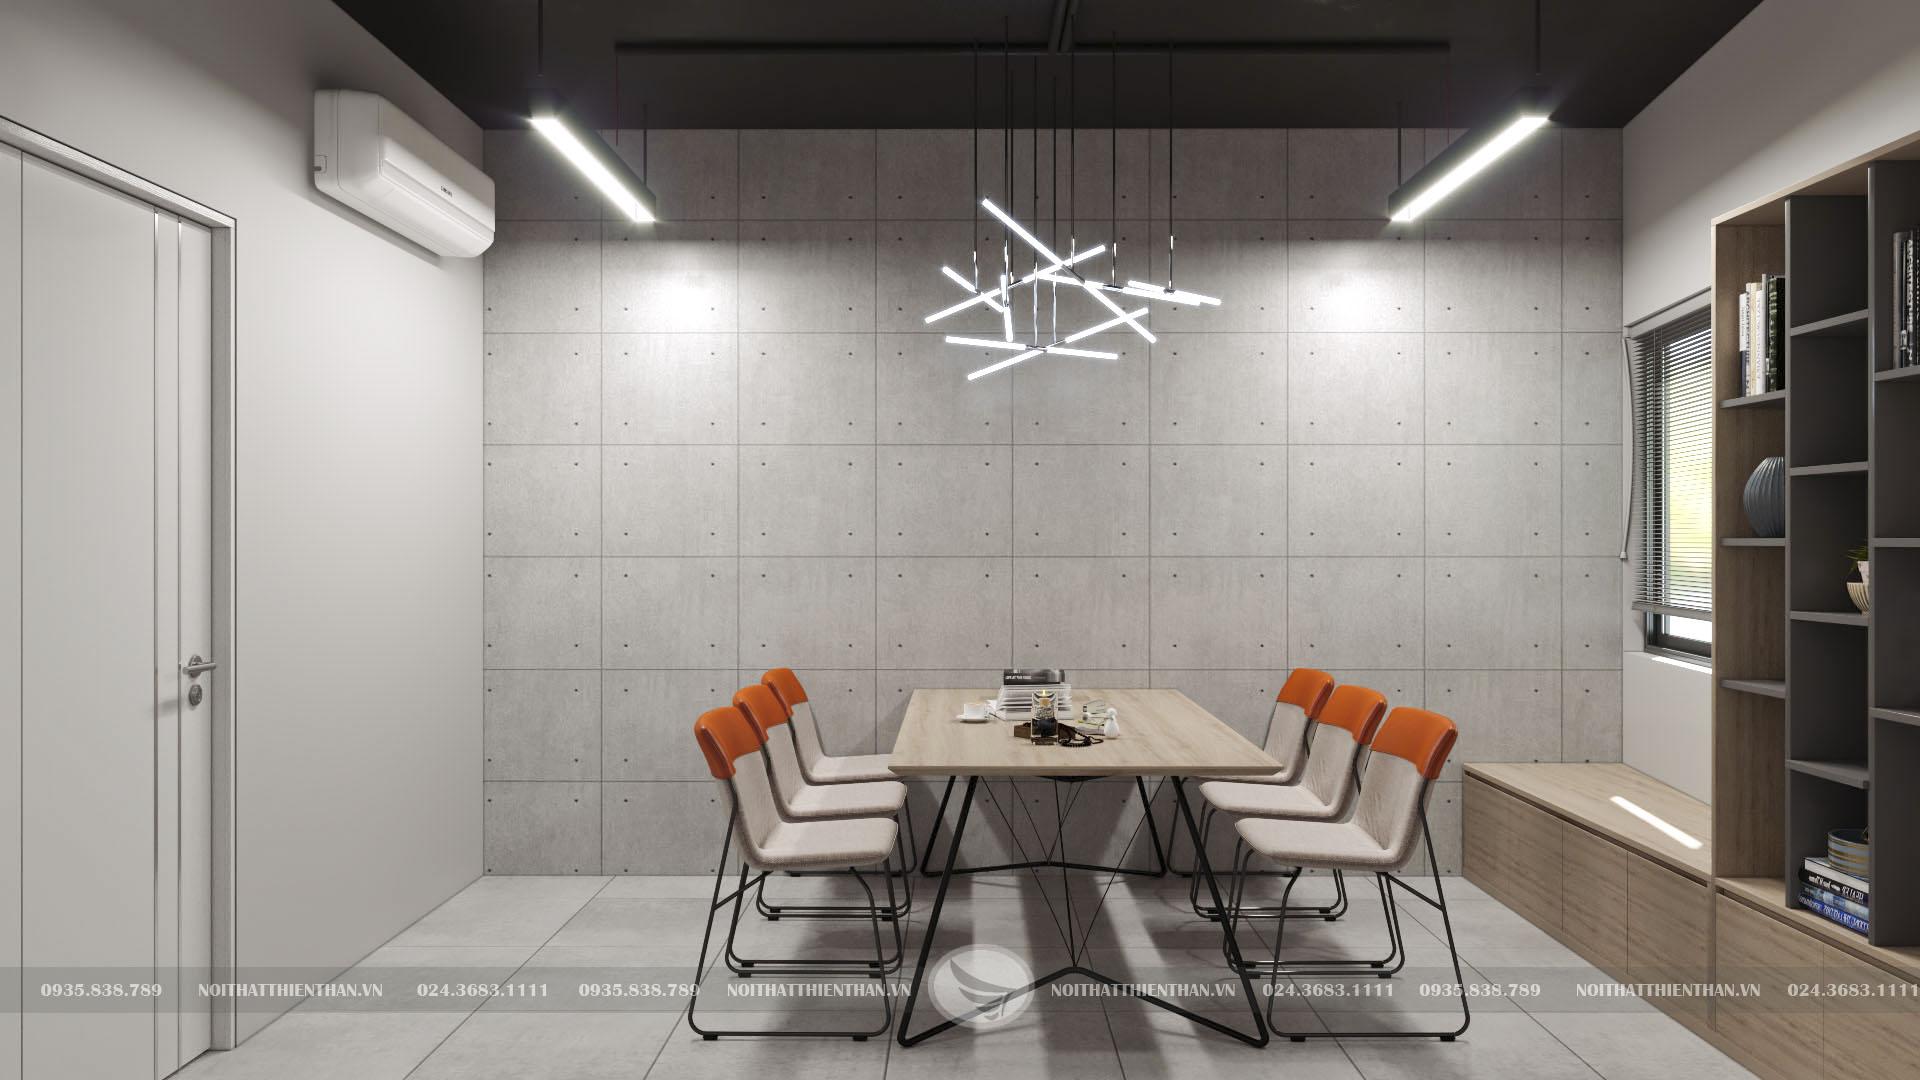 mẫu phòng họp đẹp đơn giản